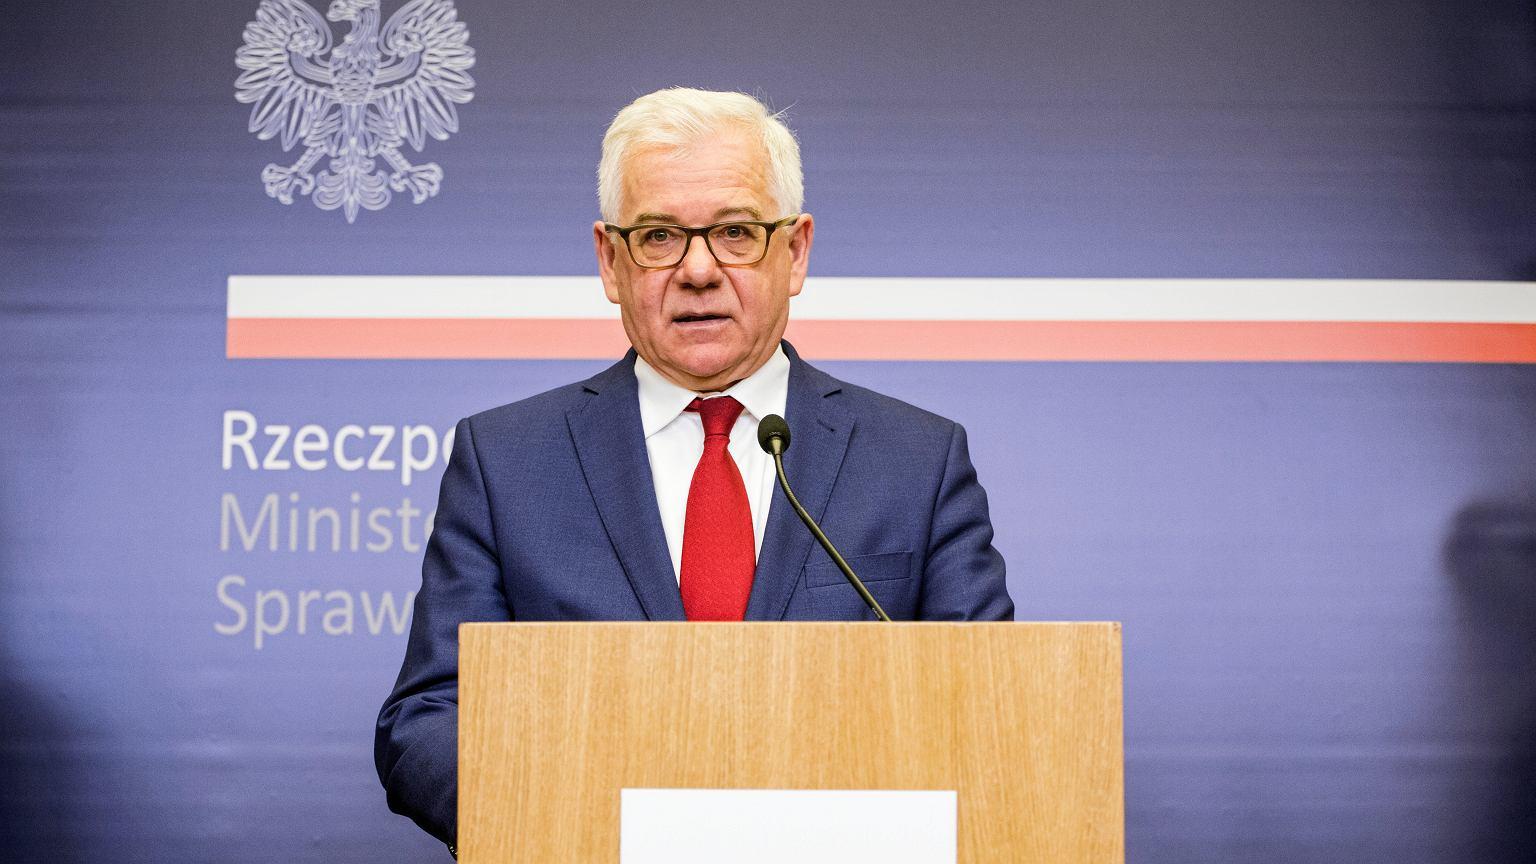 Irak. Jacek Czaputowicz: Polska ambasadorka ewakuowana z Bagdadu. Zadecydowali o tym Brytyjczycy | Polityka - Wiadomości Gazeta.pl